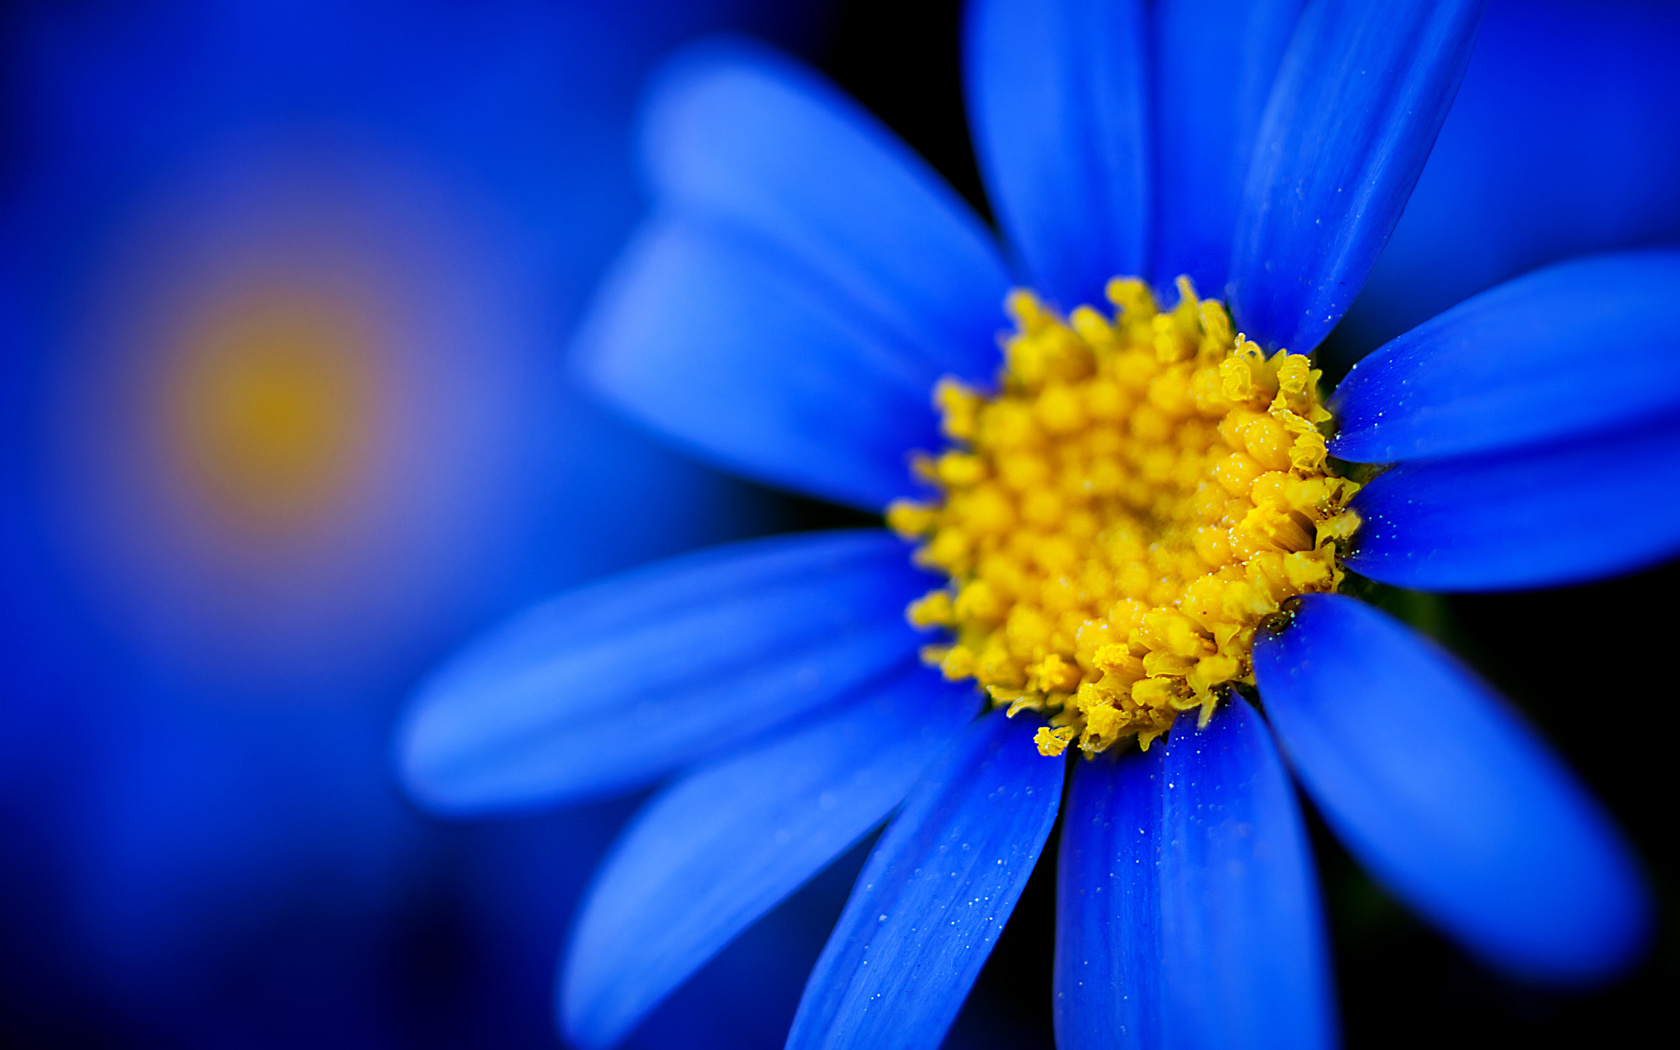 невестой утвердили красивые картинки на синем фоне фото эта статья